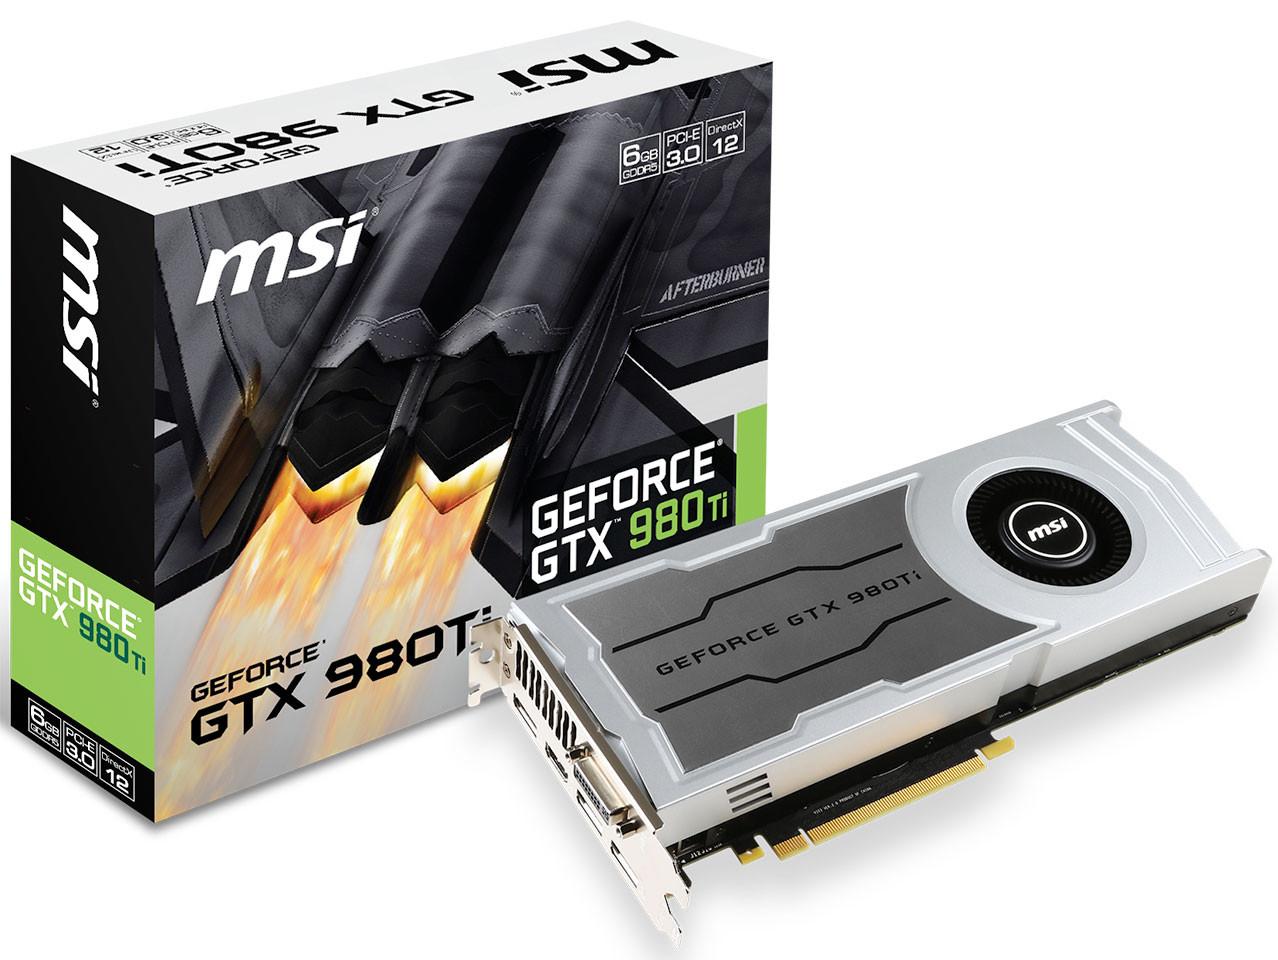 gtx980ti-msi-01